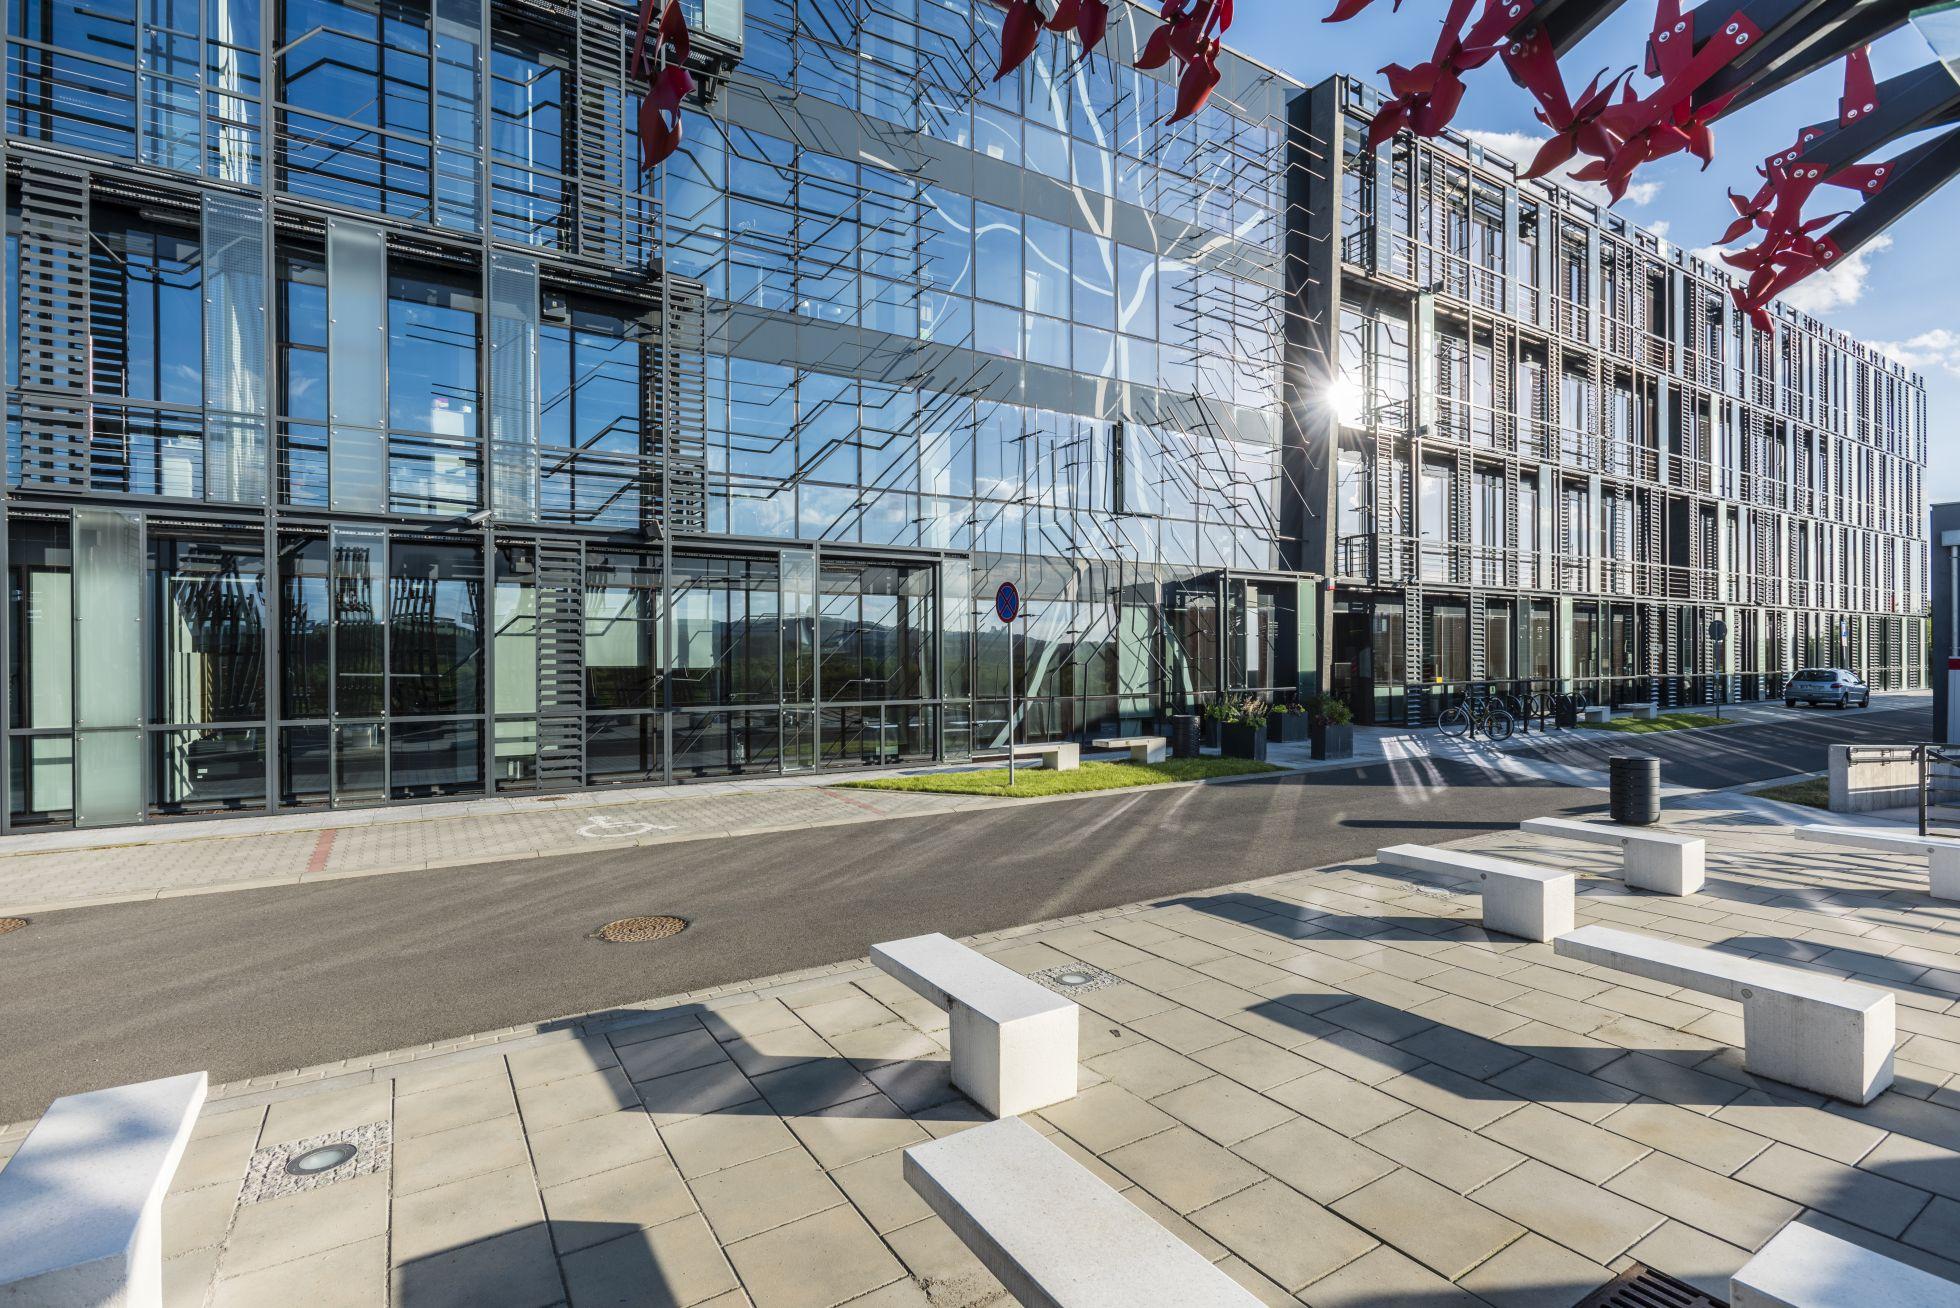 , 5 Flagship Programs By Małopolska For Entrepreneurs